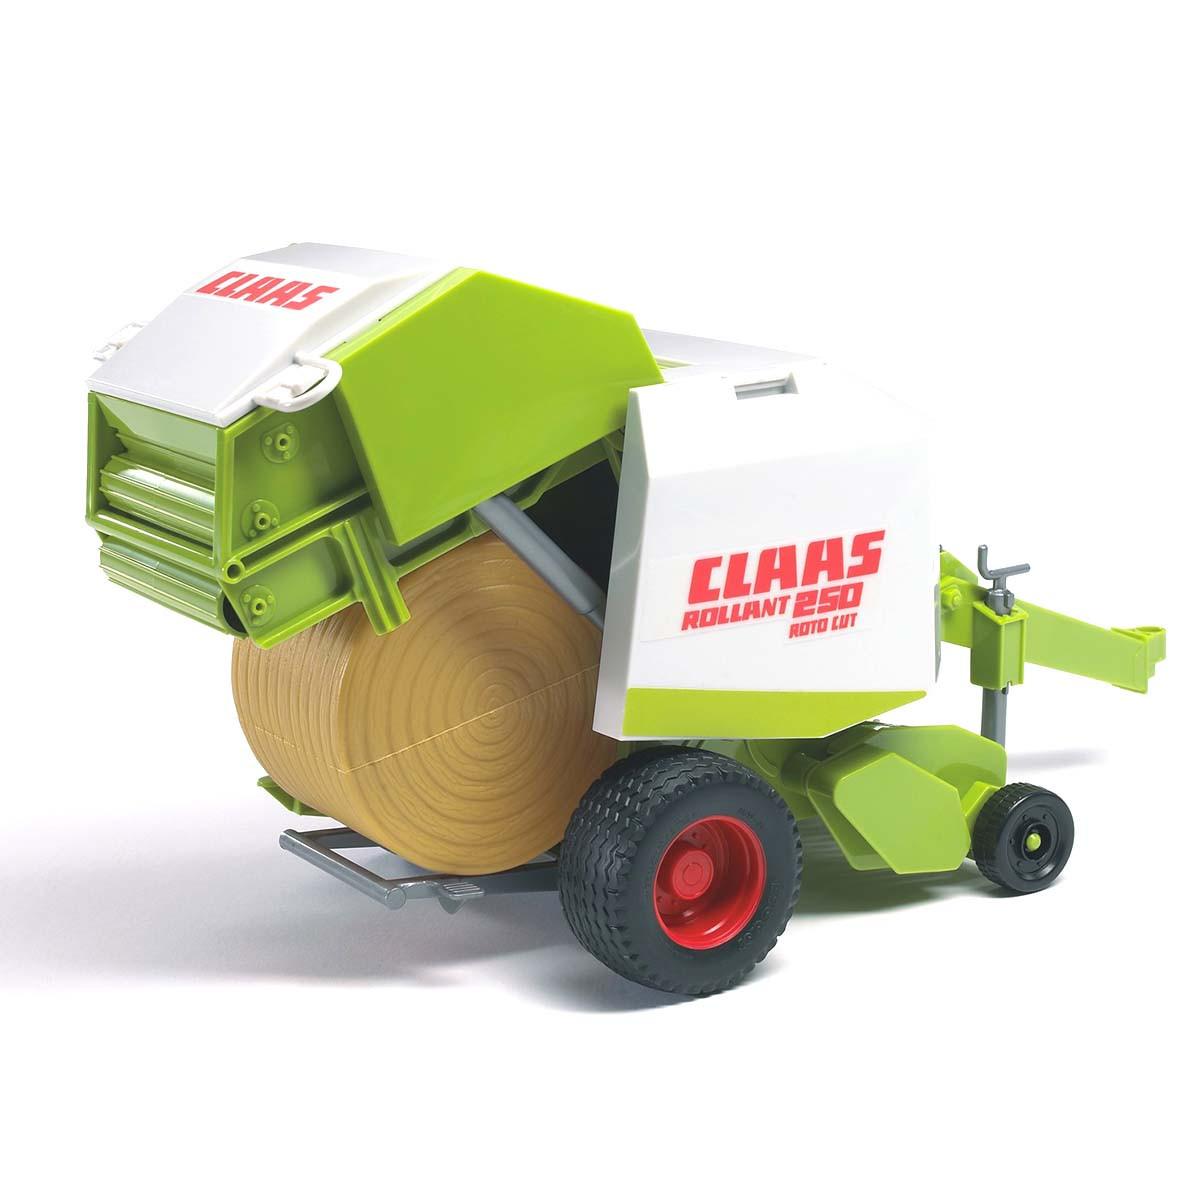 Bruder Игрушечный Рулонный пресс-подборщик Bruder CLAAS Rollant 250 (Брудер 02-121)